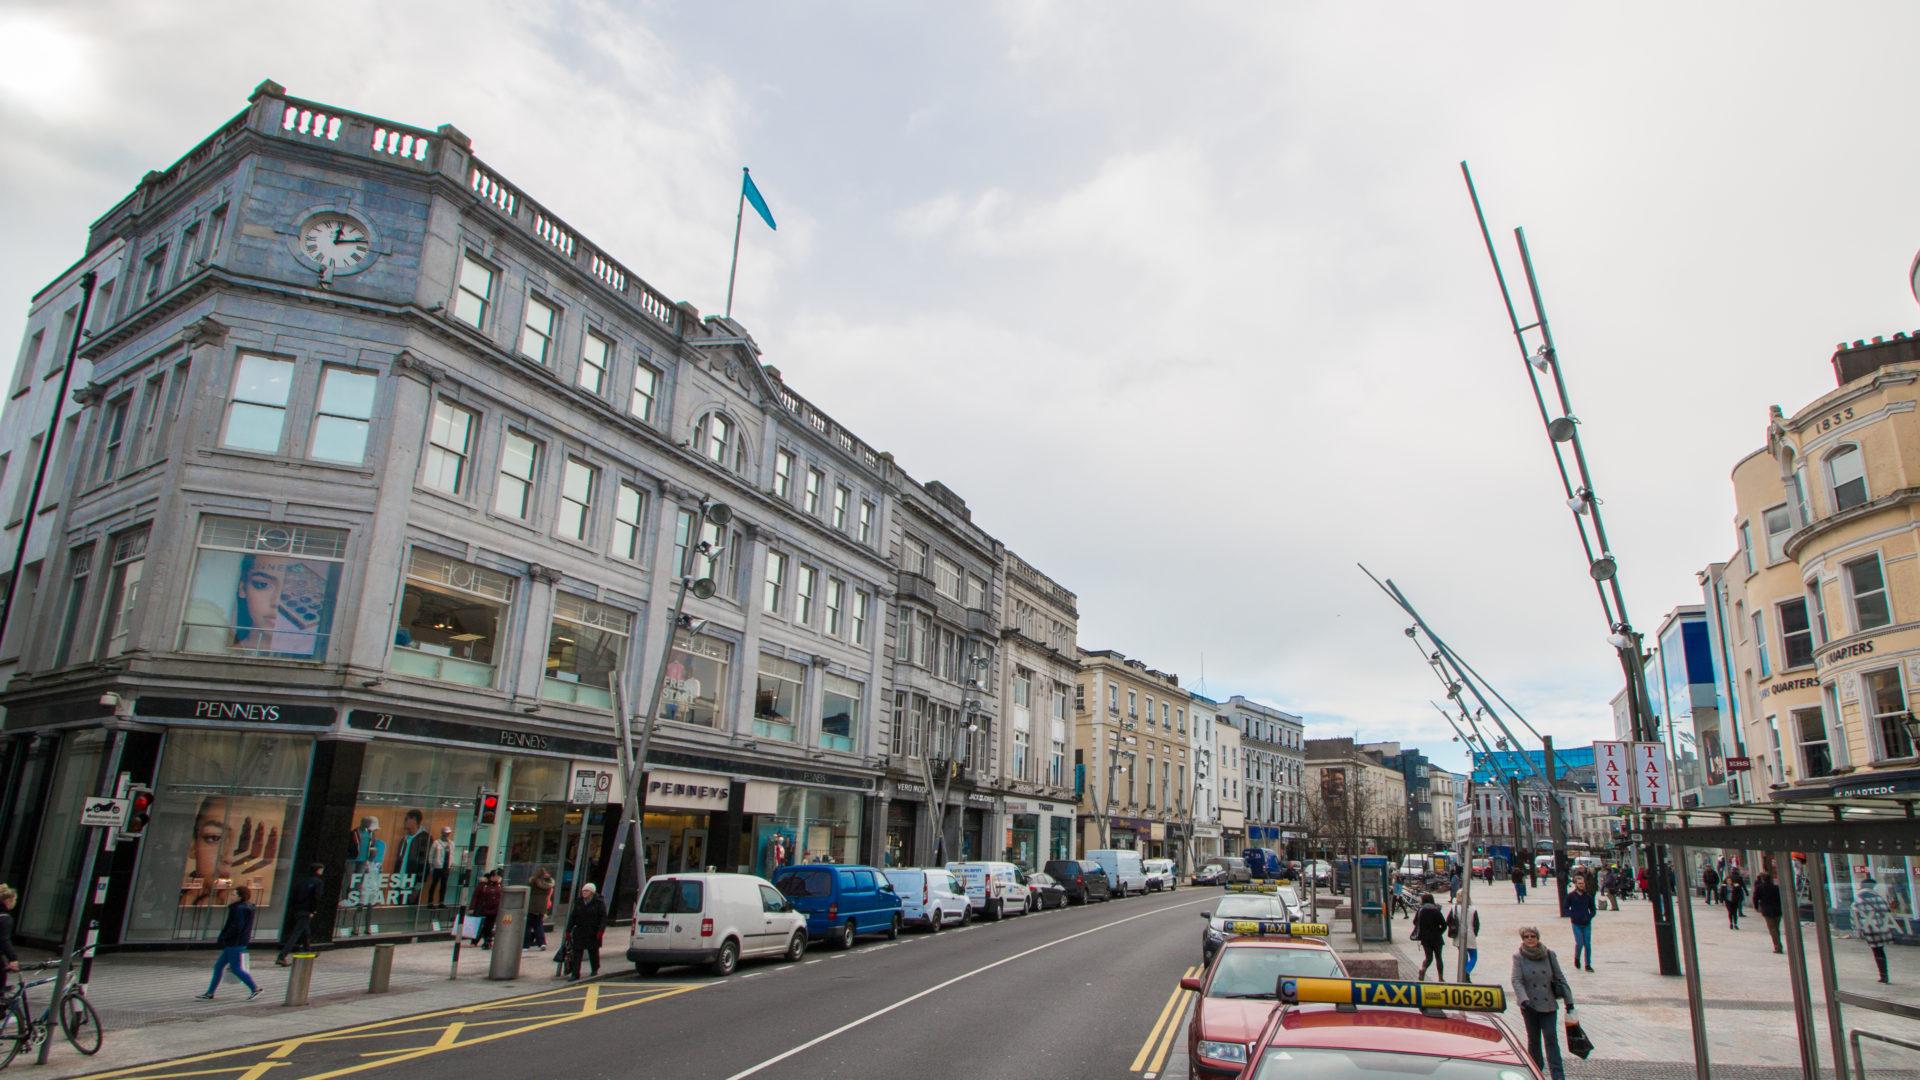 Studiare inglese a Cork. Ad aprile fantastici sconti prenotando con EazyCity!